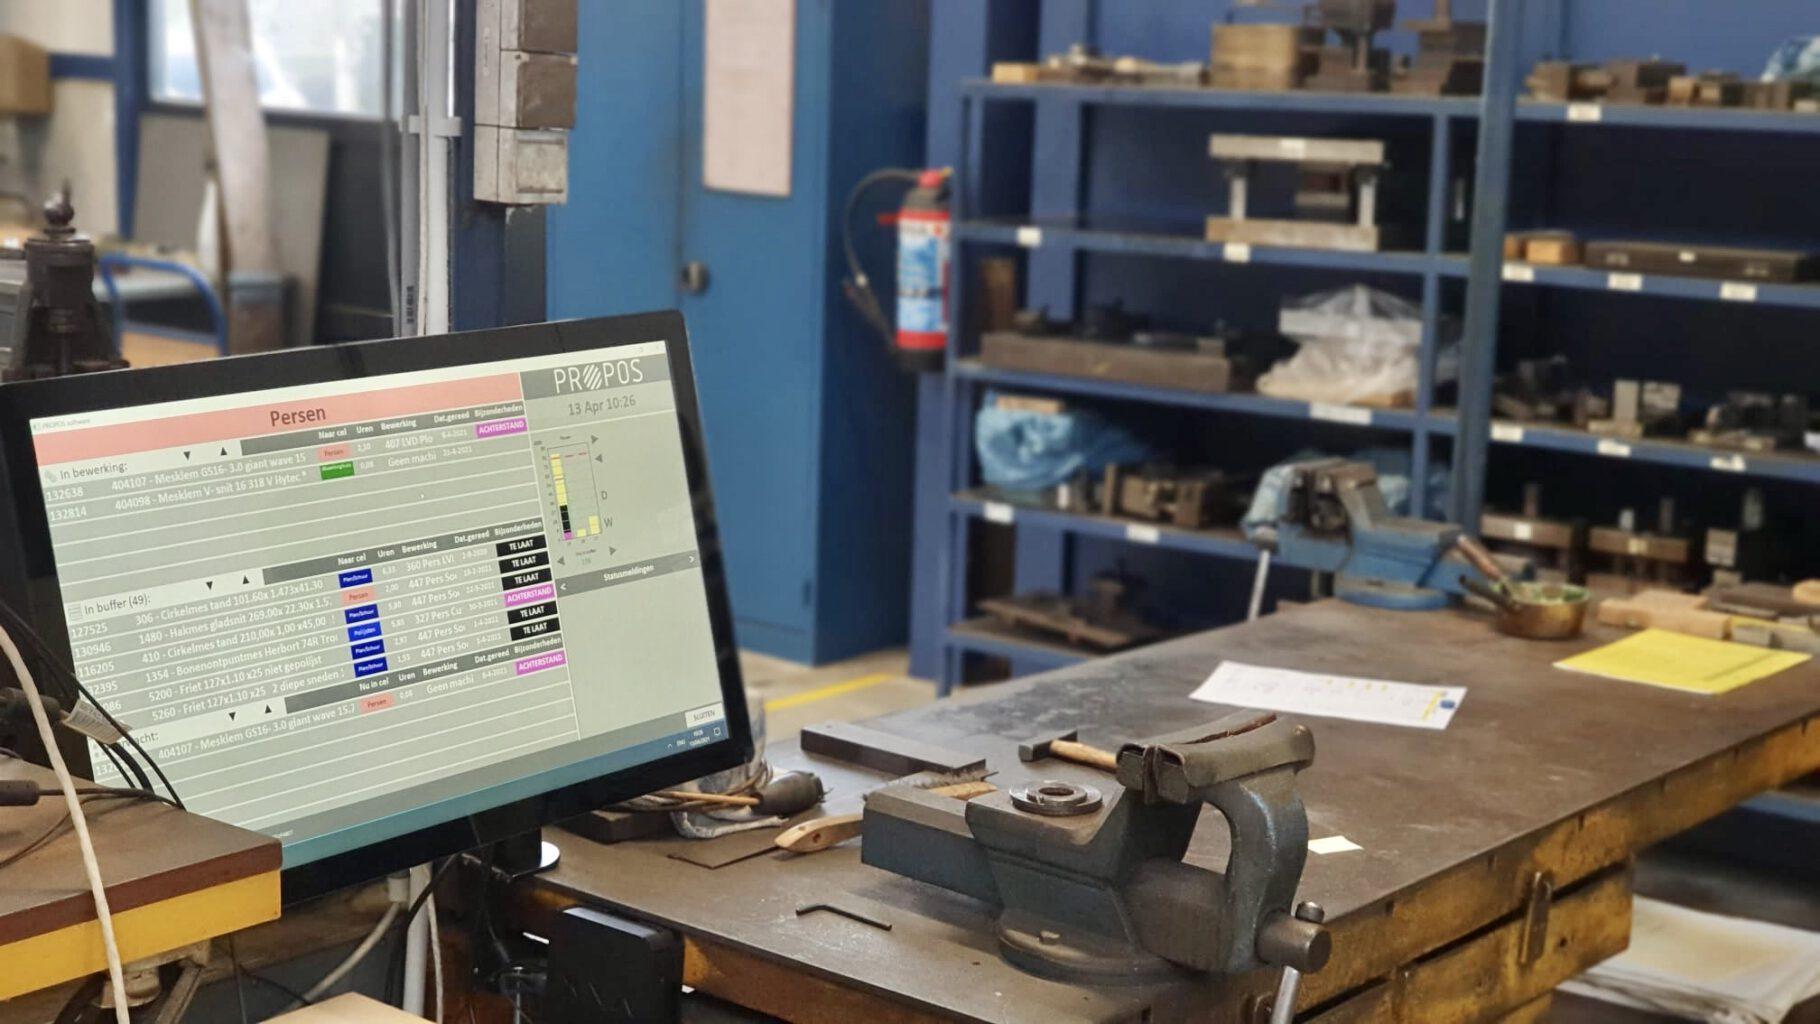 Live bij Stumabo: meer flow, minder files in productie -